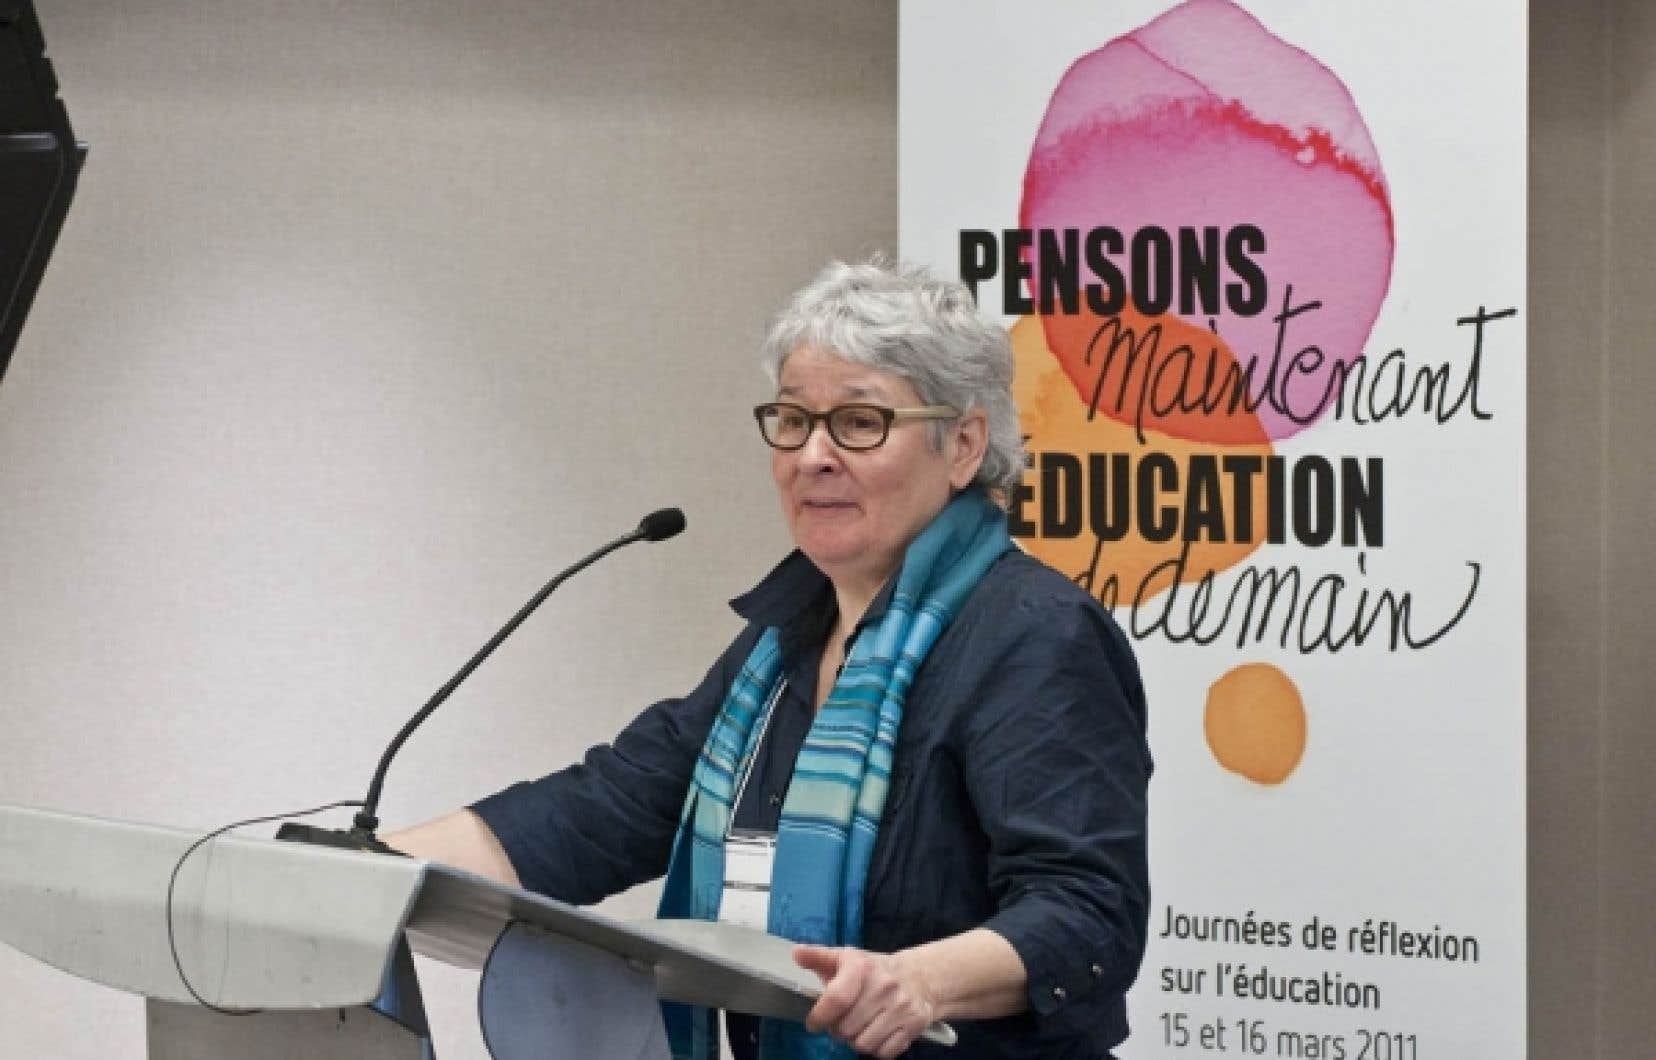 Denise Boucher, vice-présidente de la CSN, a participé aux journées de réflexion «Pensons maintenant l'éducation de demain», les 15 et 16 mars 2011, à Montréal.<br />